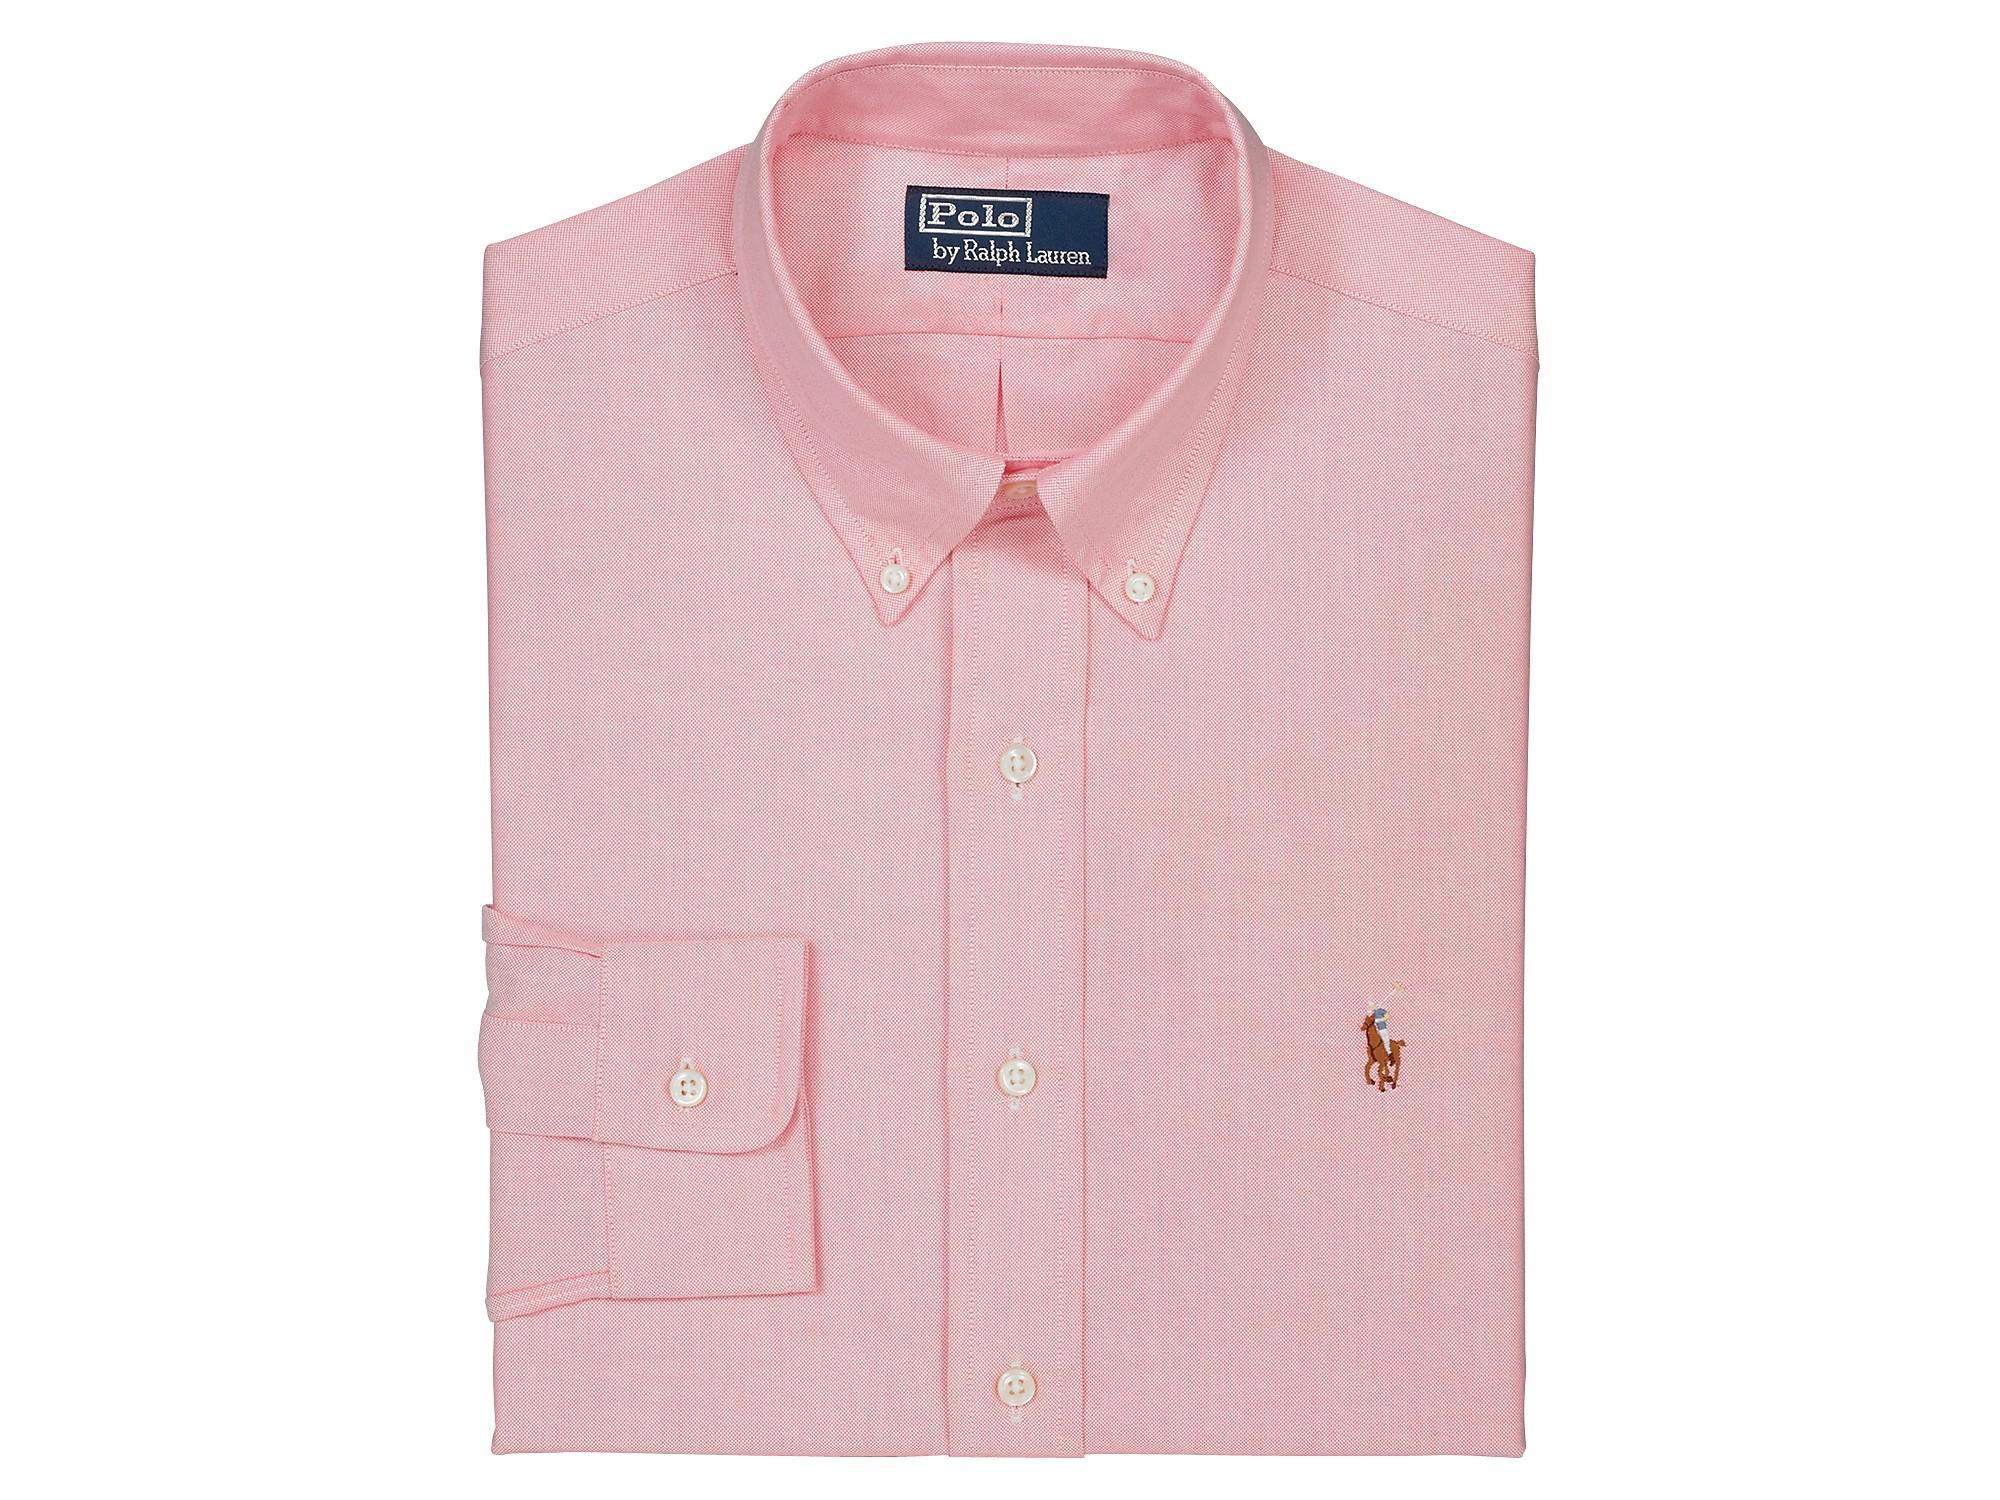 02b8b39b Ralph Lauren Pink Customfit Oxford Dress Shirt for men